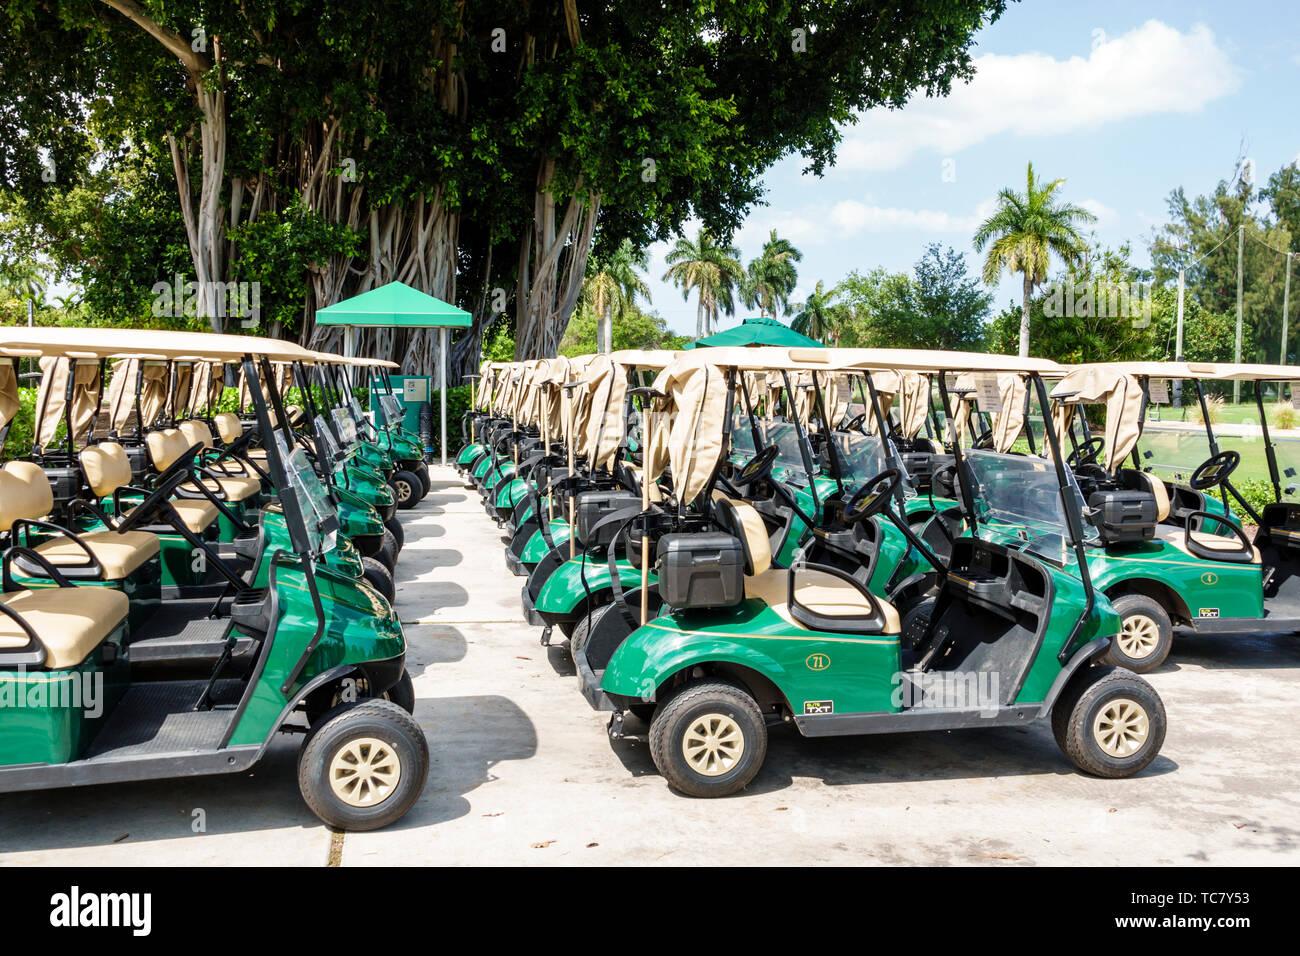 Miami Beach Florida Normandy Shores Public Golf Club Course electric cart carts - Stock Image